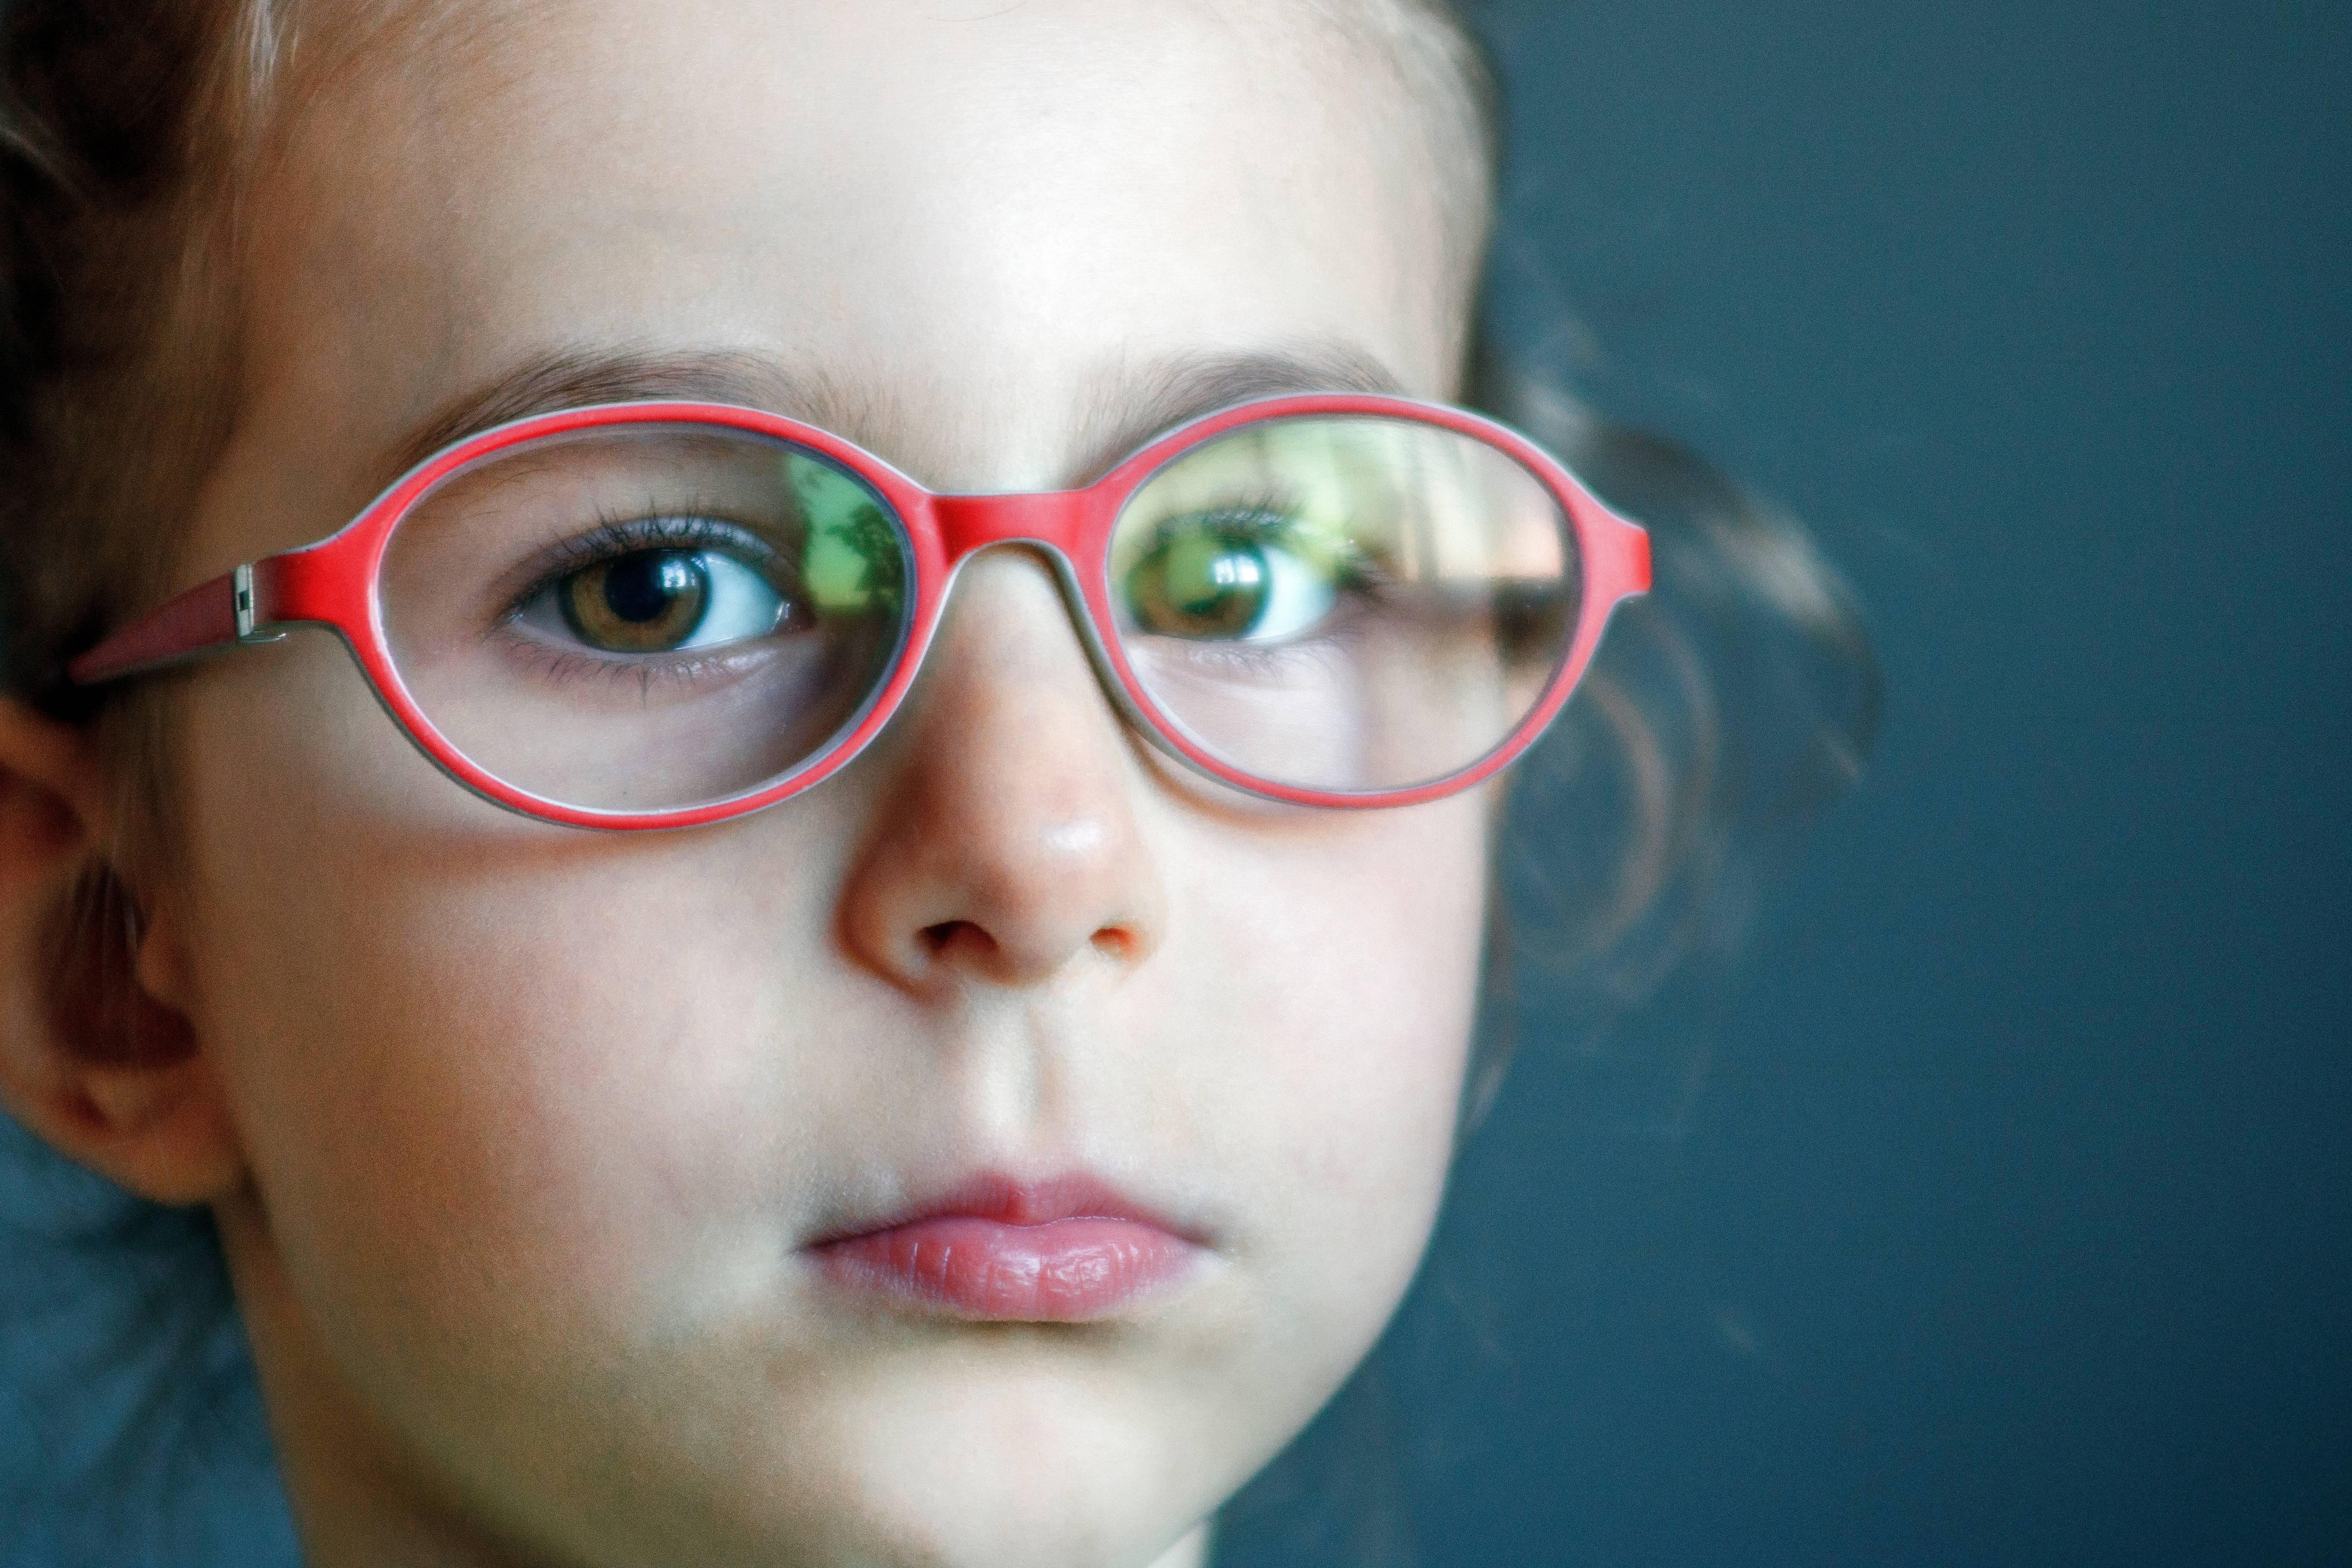 Астигматизм у детей: причины, симптомы, лечение очками и линзами